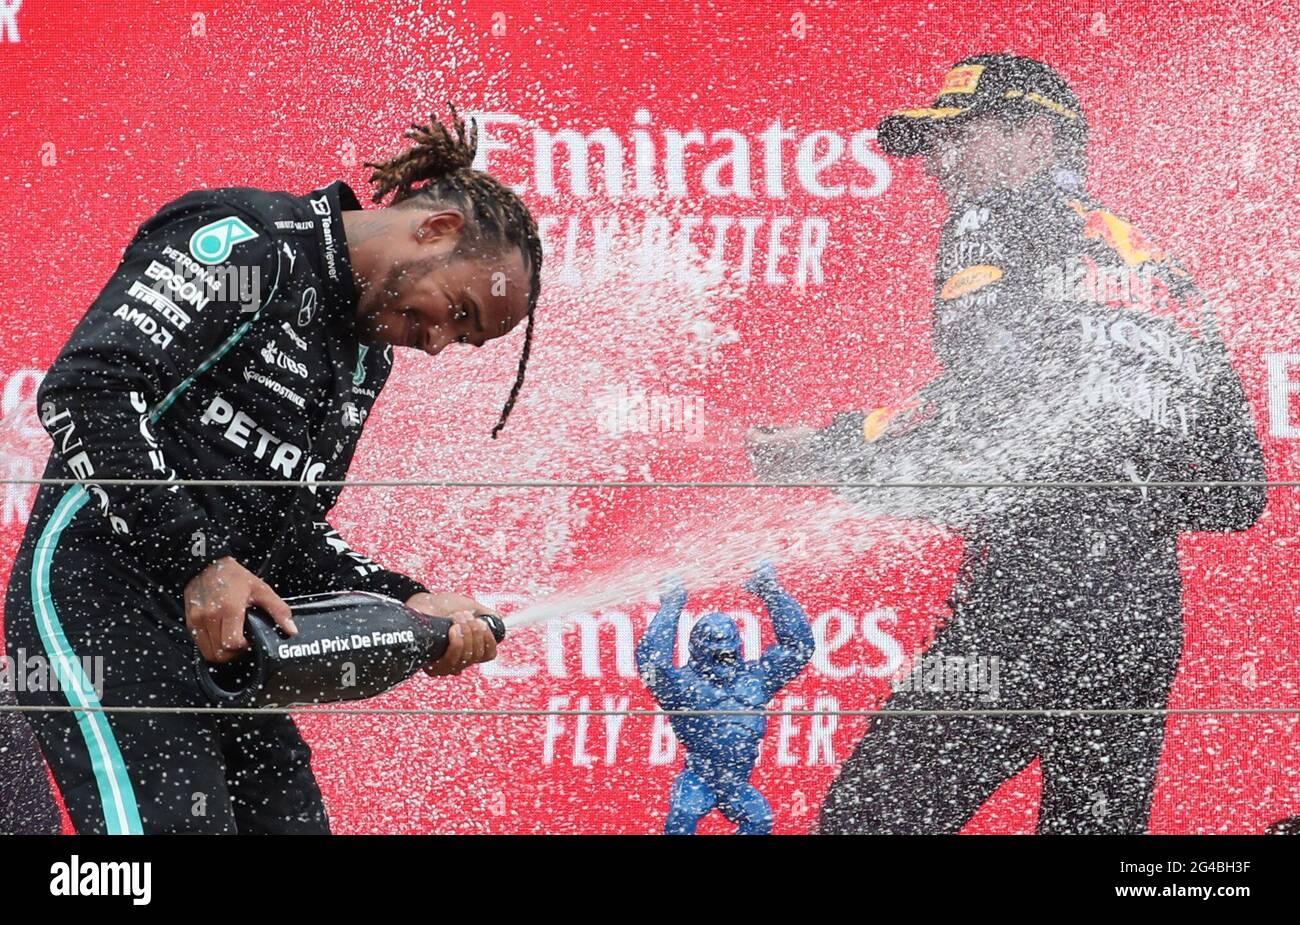 Formel 1 F1 - großer Preis von Frankreich - Circuit Paul Ricard, Le Castellet, Frankreich - 20. Juni 2021 Mercedes' Lewis Hamilton und Red Bull's Max Verstappen feiern mit Sekt auf dem Podium nach dem Rennen auf dem zweiten und ersten Platz bzw. REUTERS/Yves Herman Stockfoto